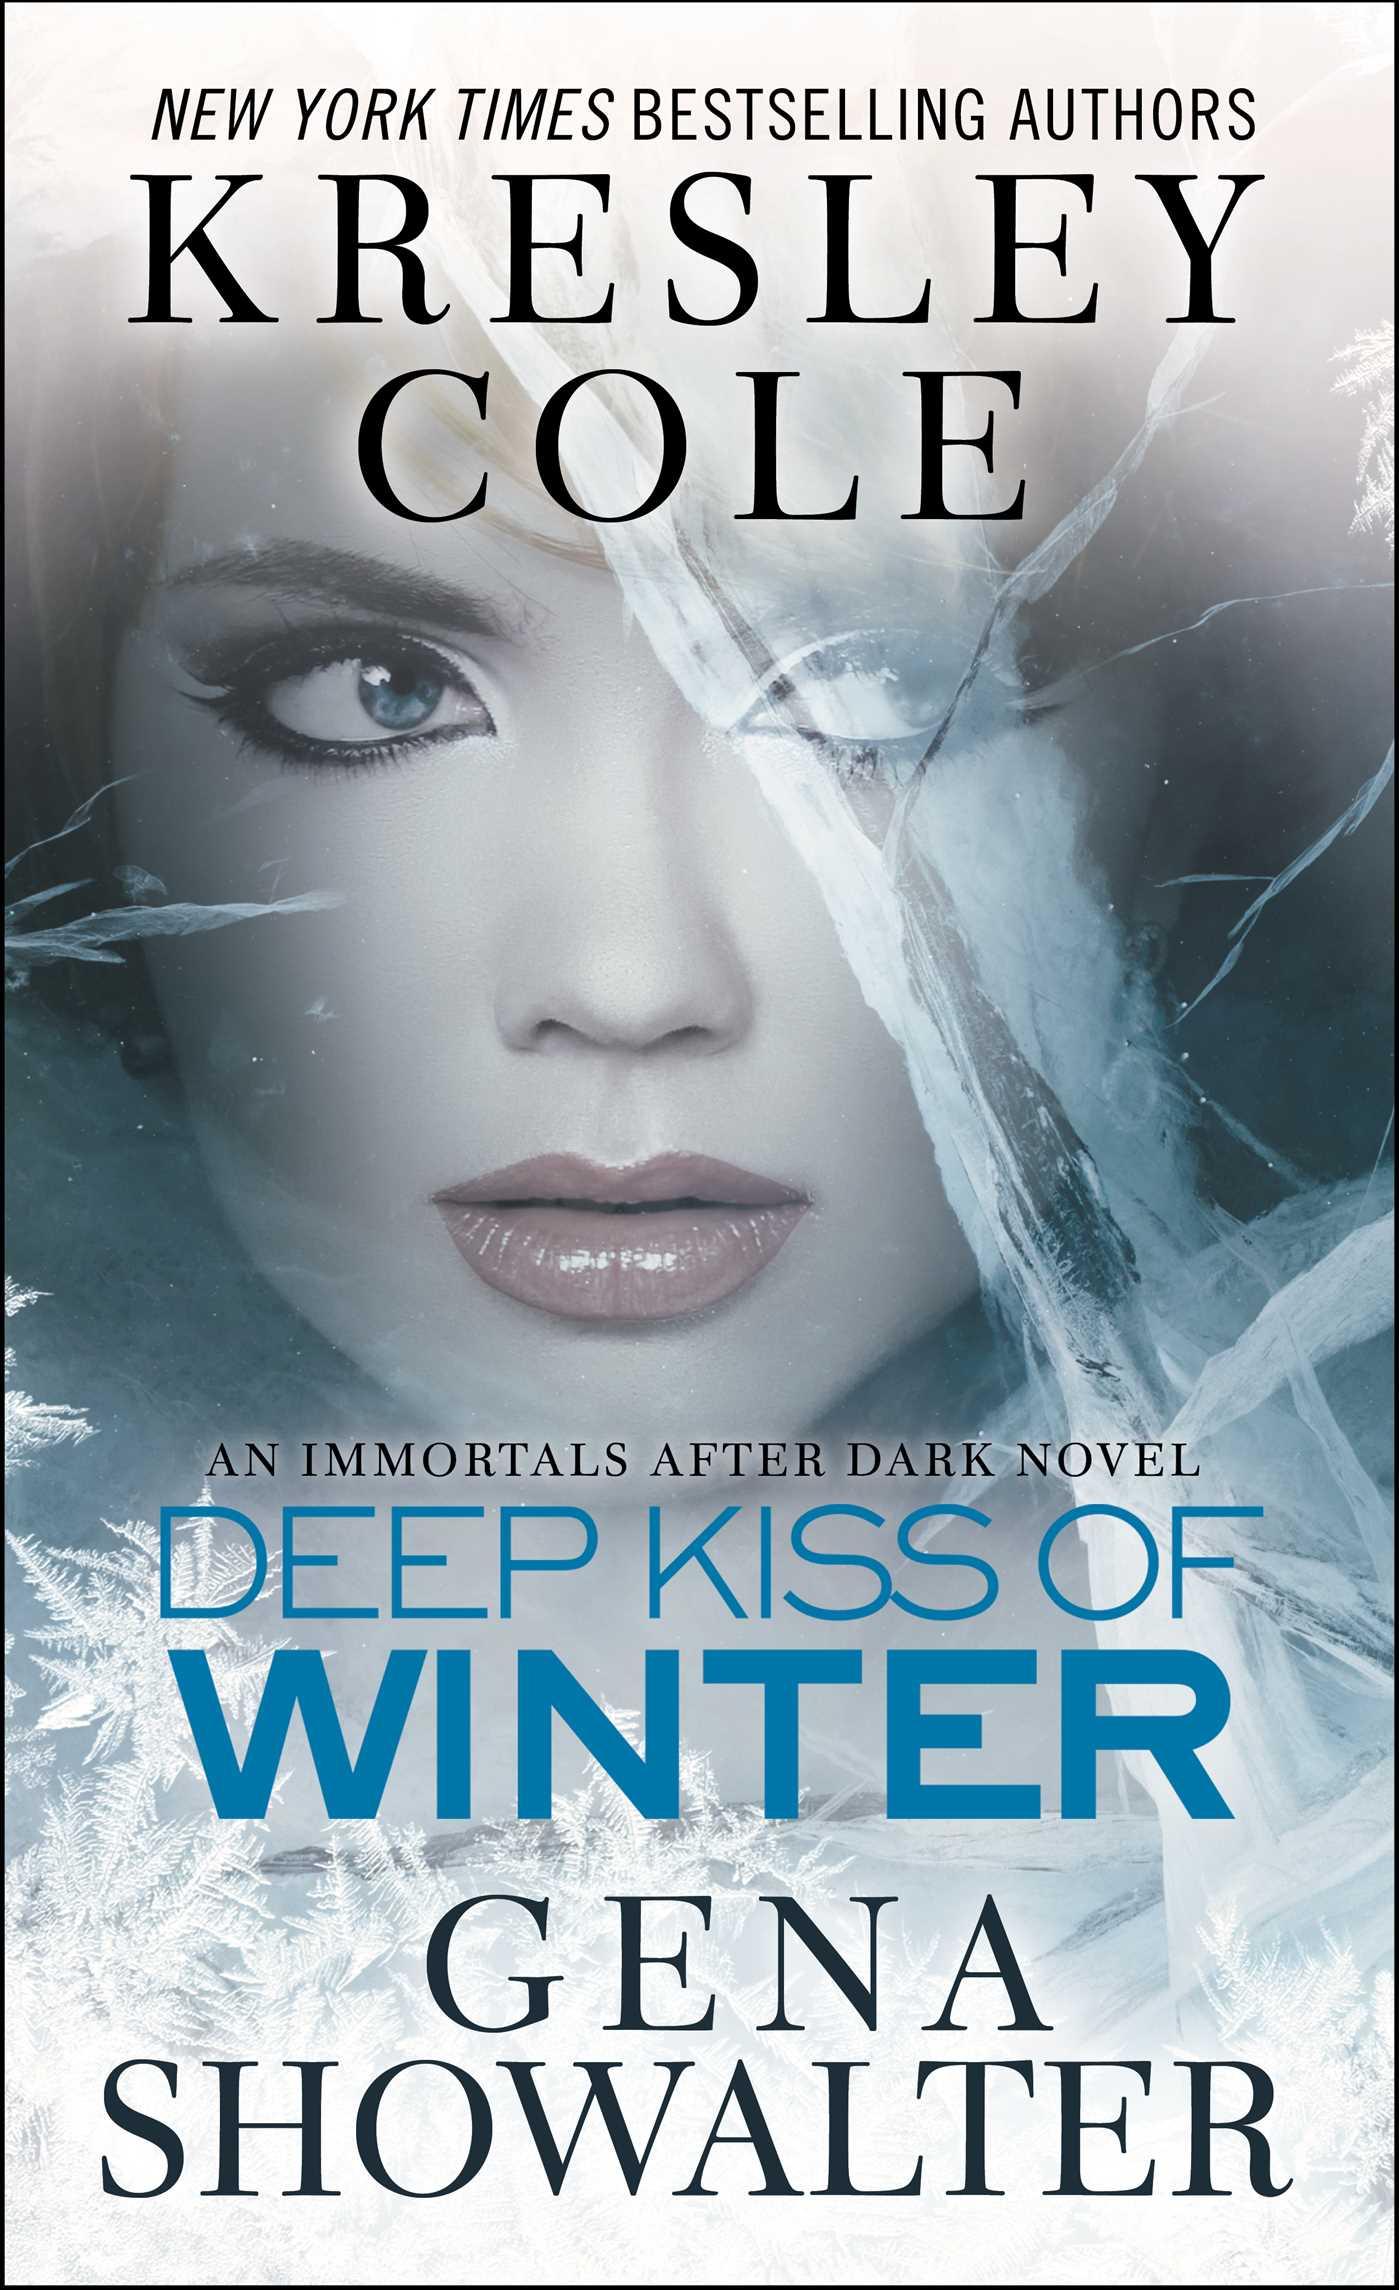 Deep kiss of winter 9781439166857 hr